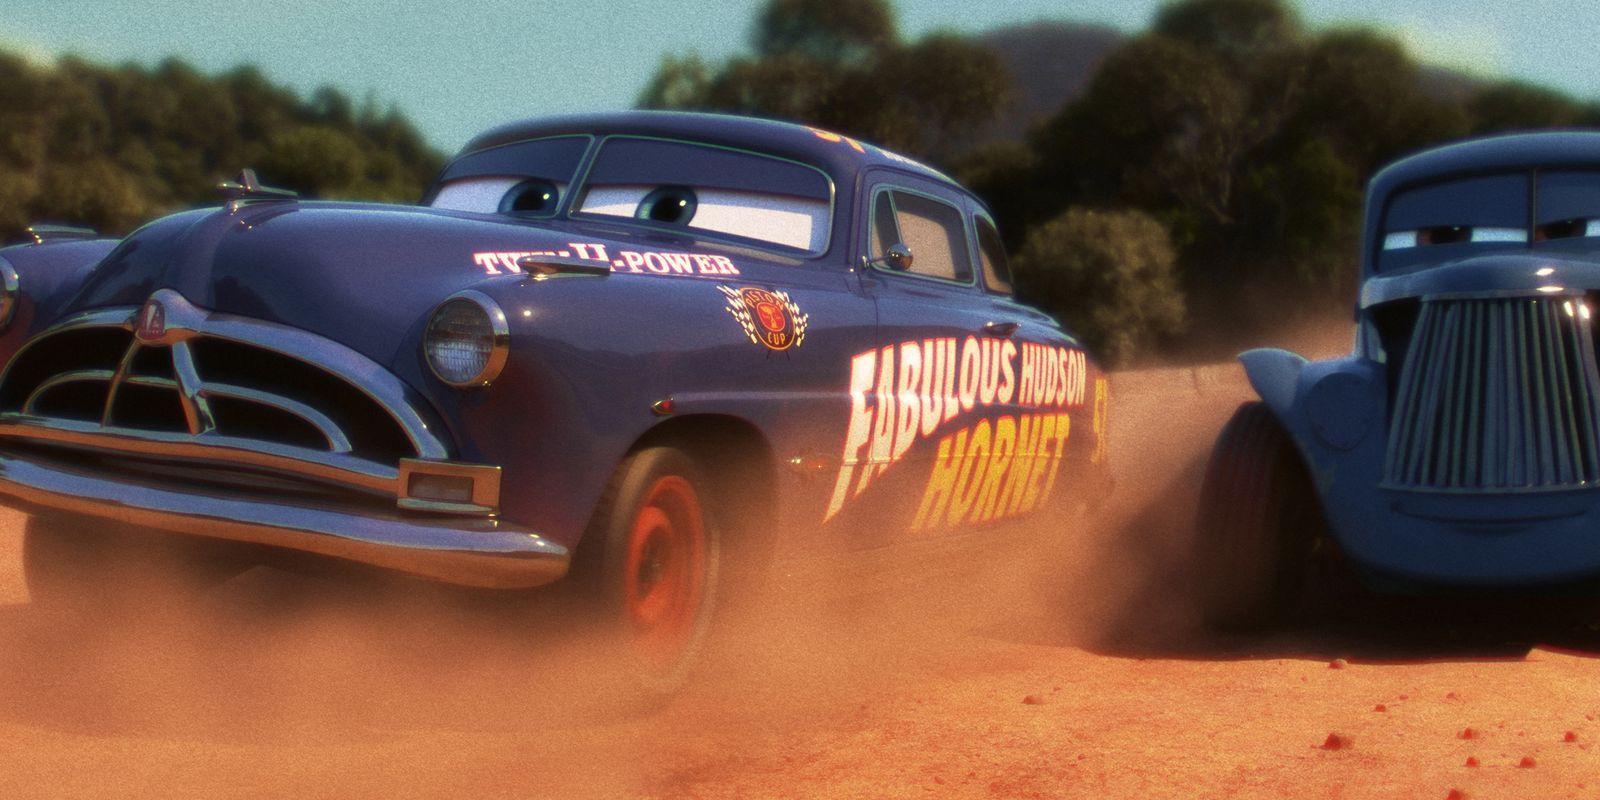 Image Doc Hudson Passes River Scott Jpg World Of Cars